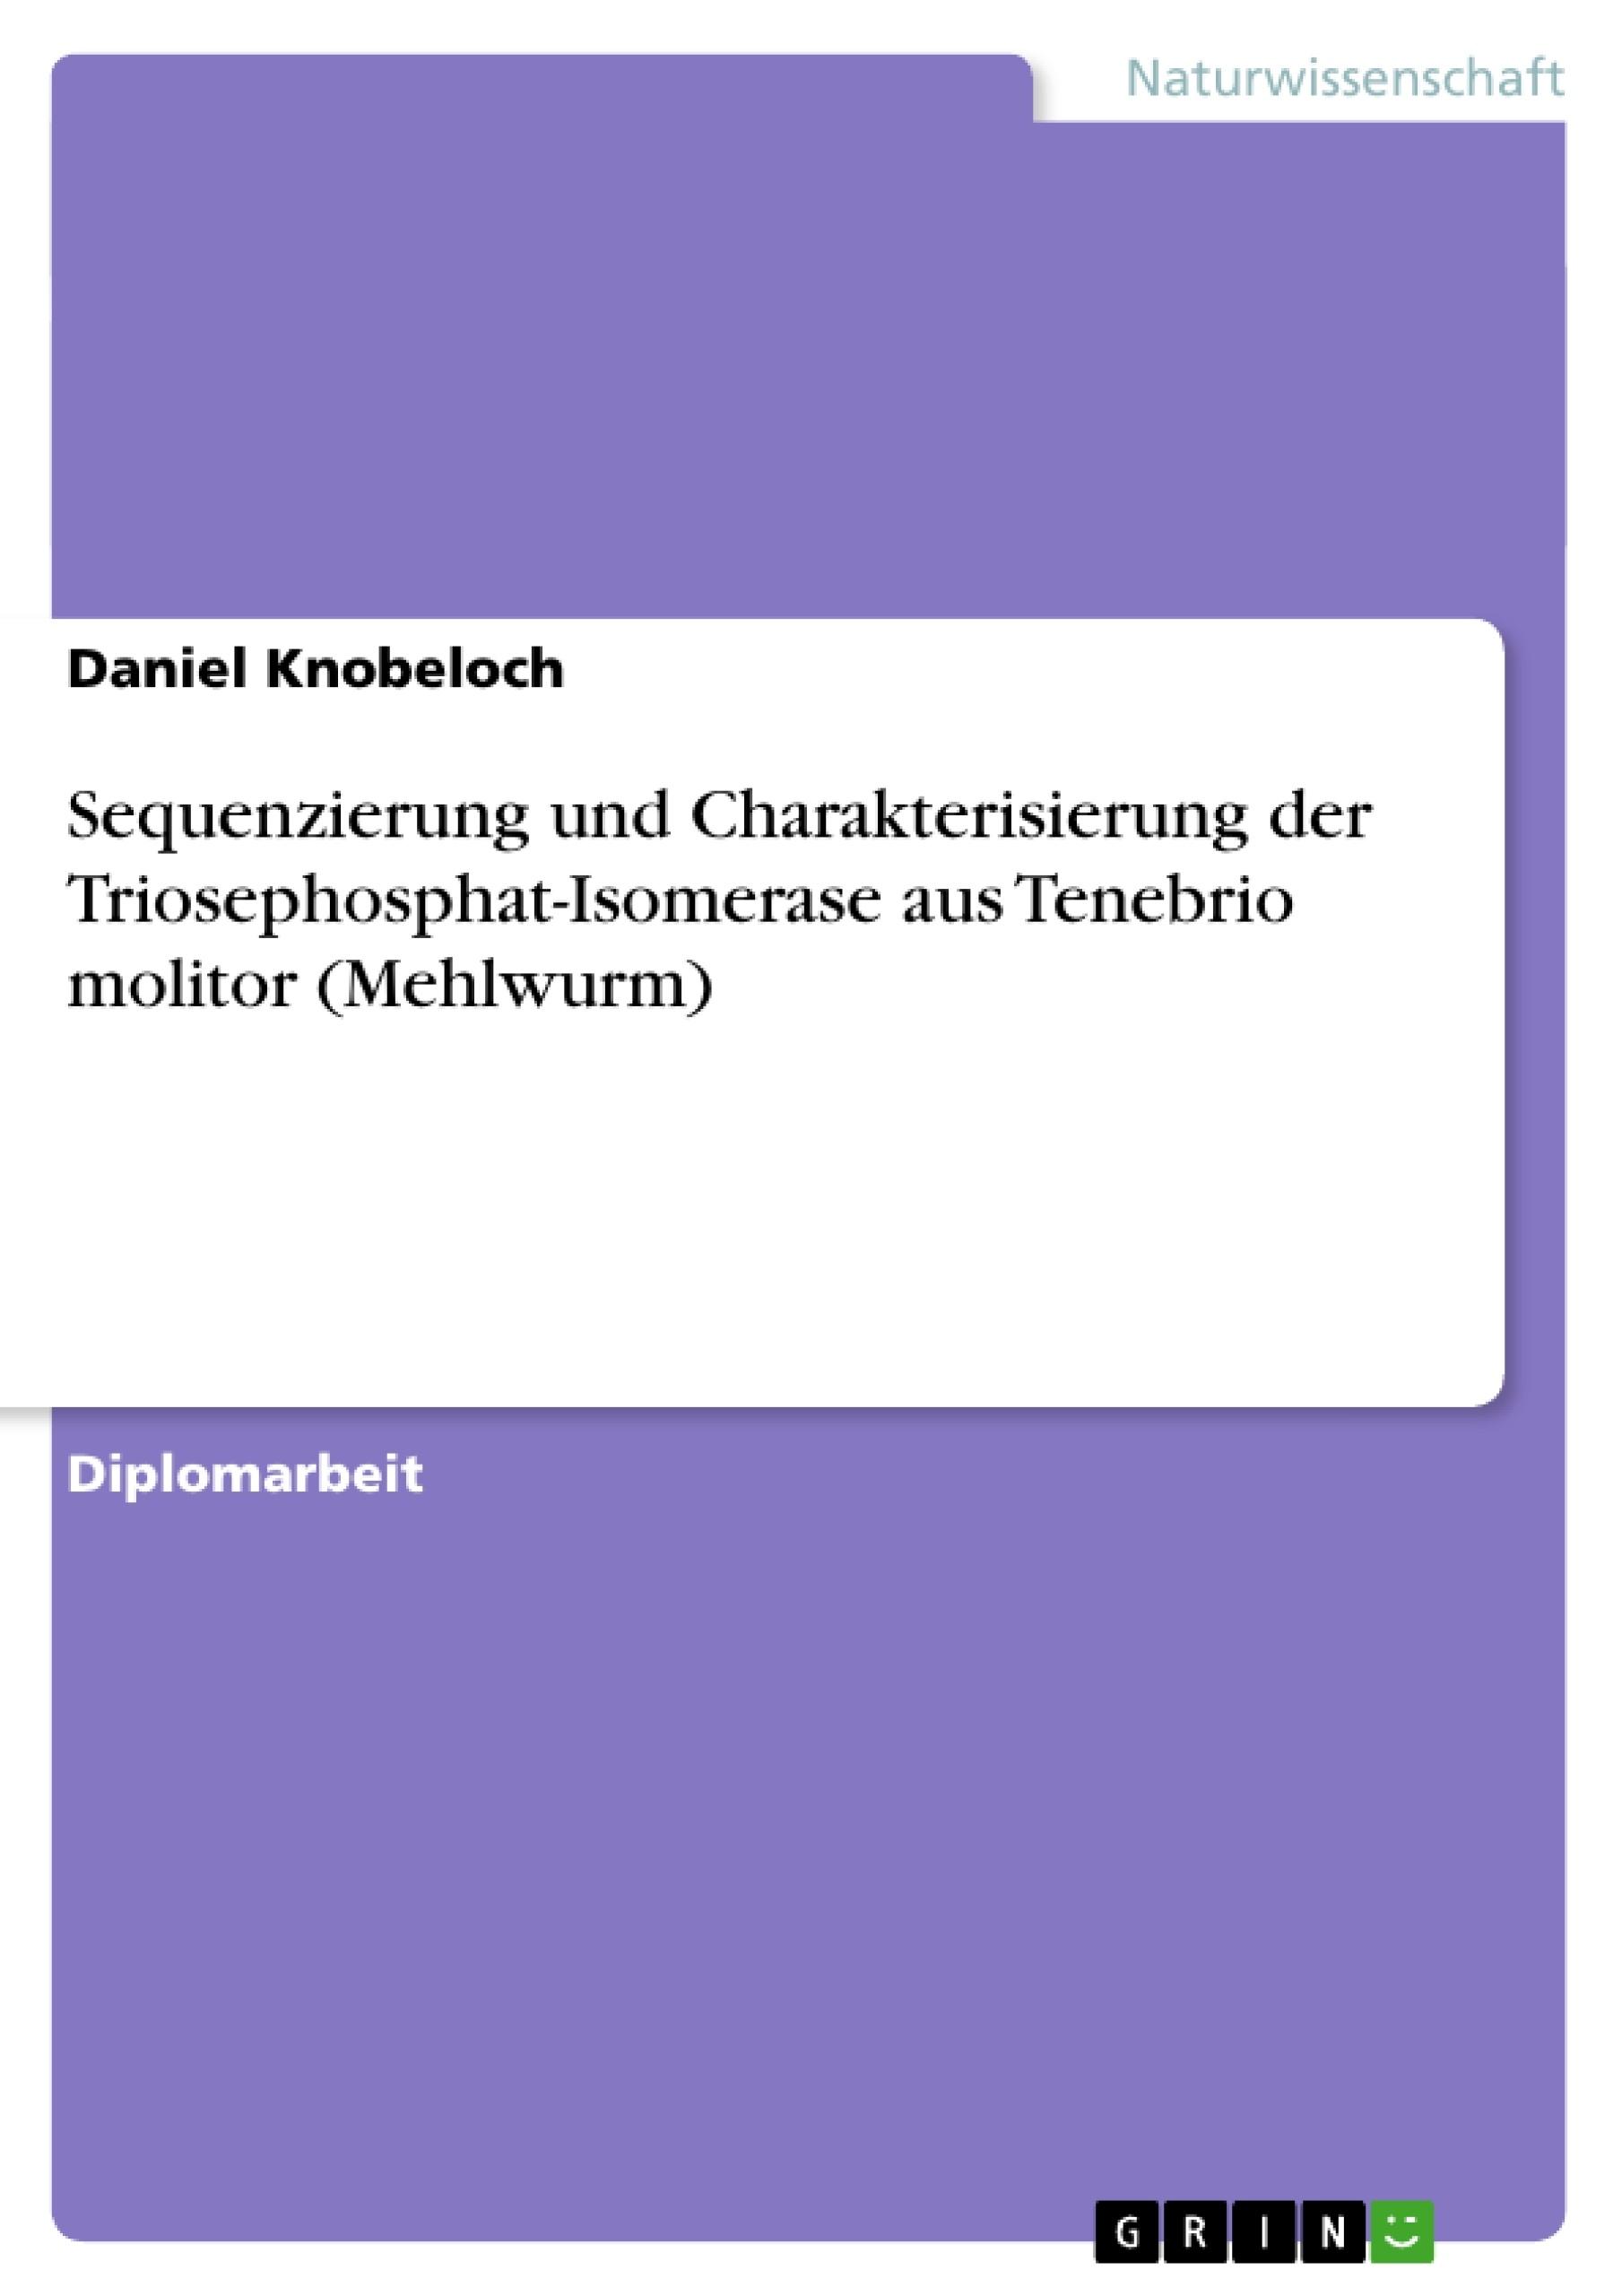 Titel: Sequenzierung und Charakterisierung der Triosephosphat-Isomerase aus Tenebrio molitor (Mehlwurm)